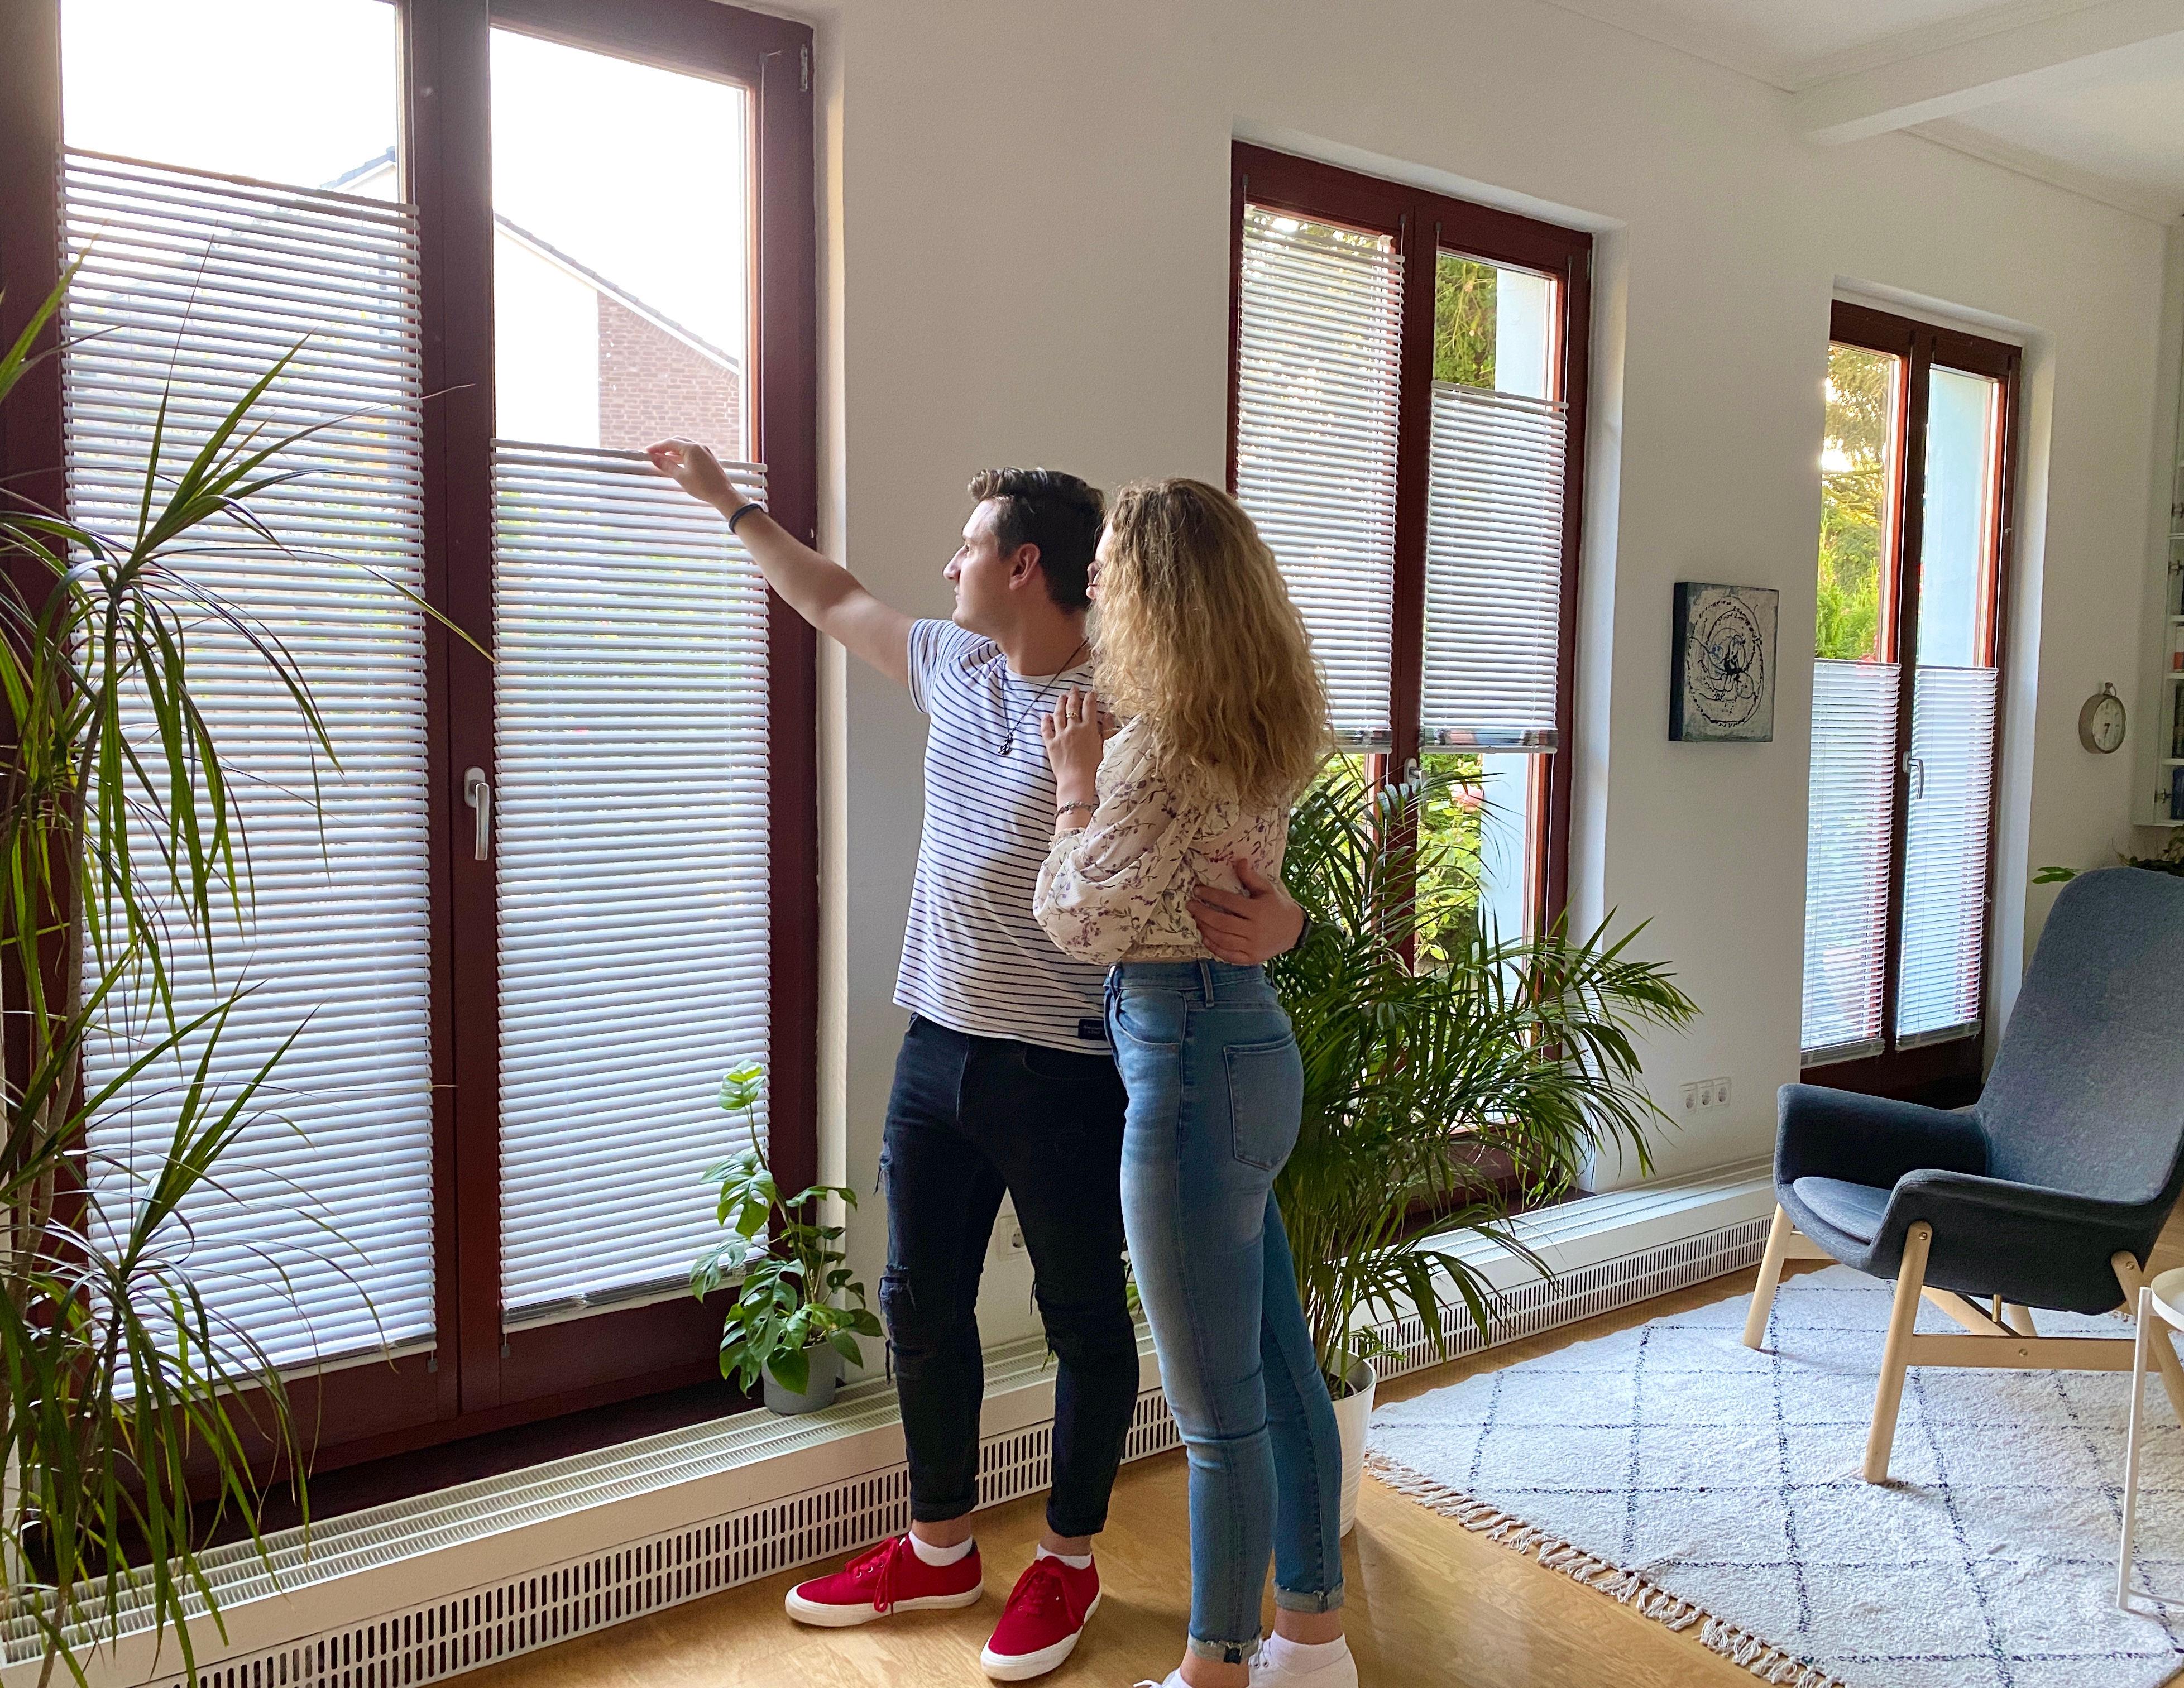 Wohnzimmer-Paar-Fenster